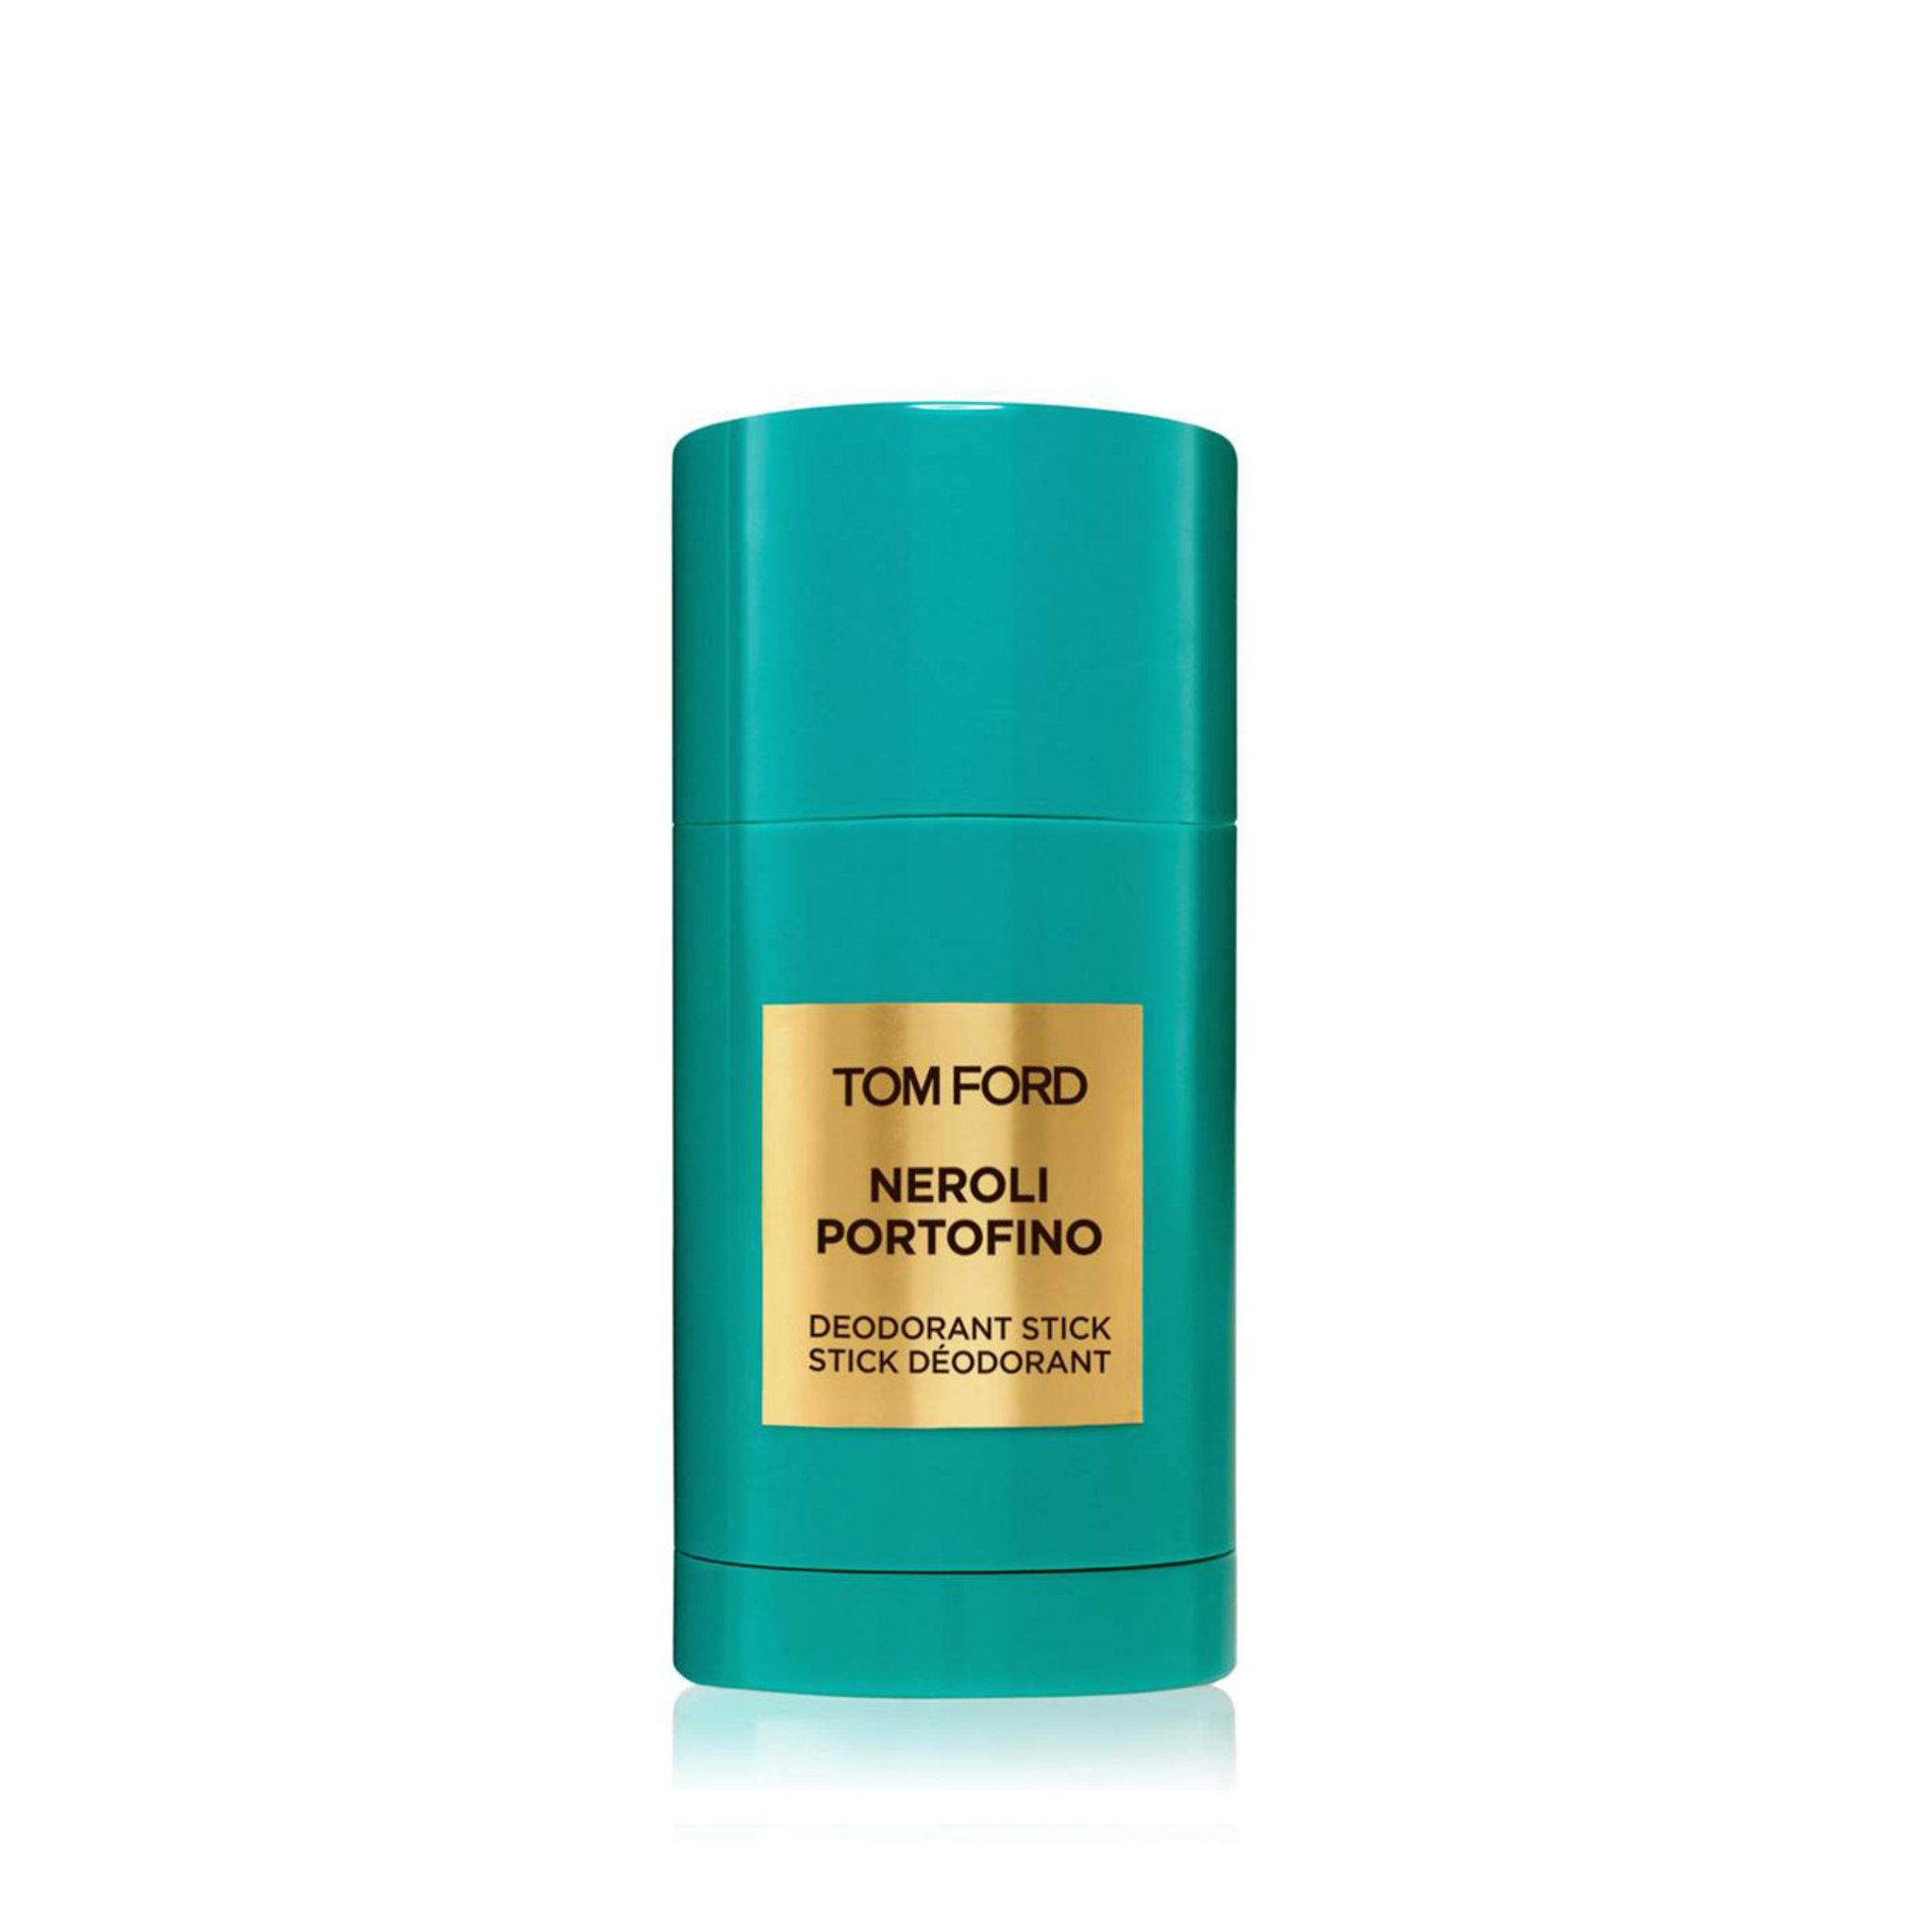 Neroli Portofino Deodorant Stick, 75 ml, 75 ML